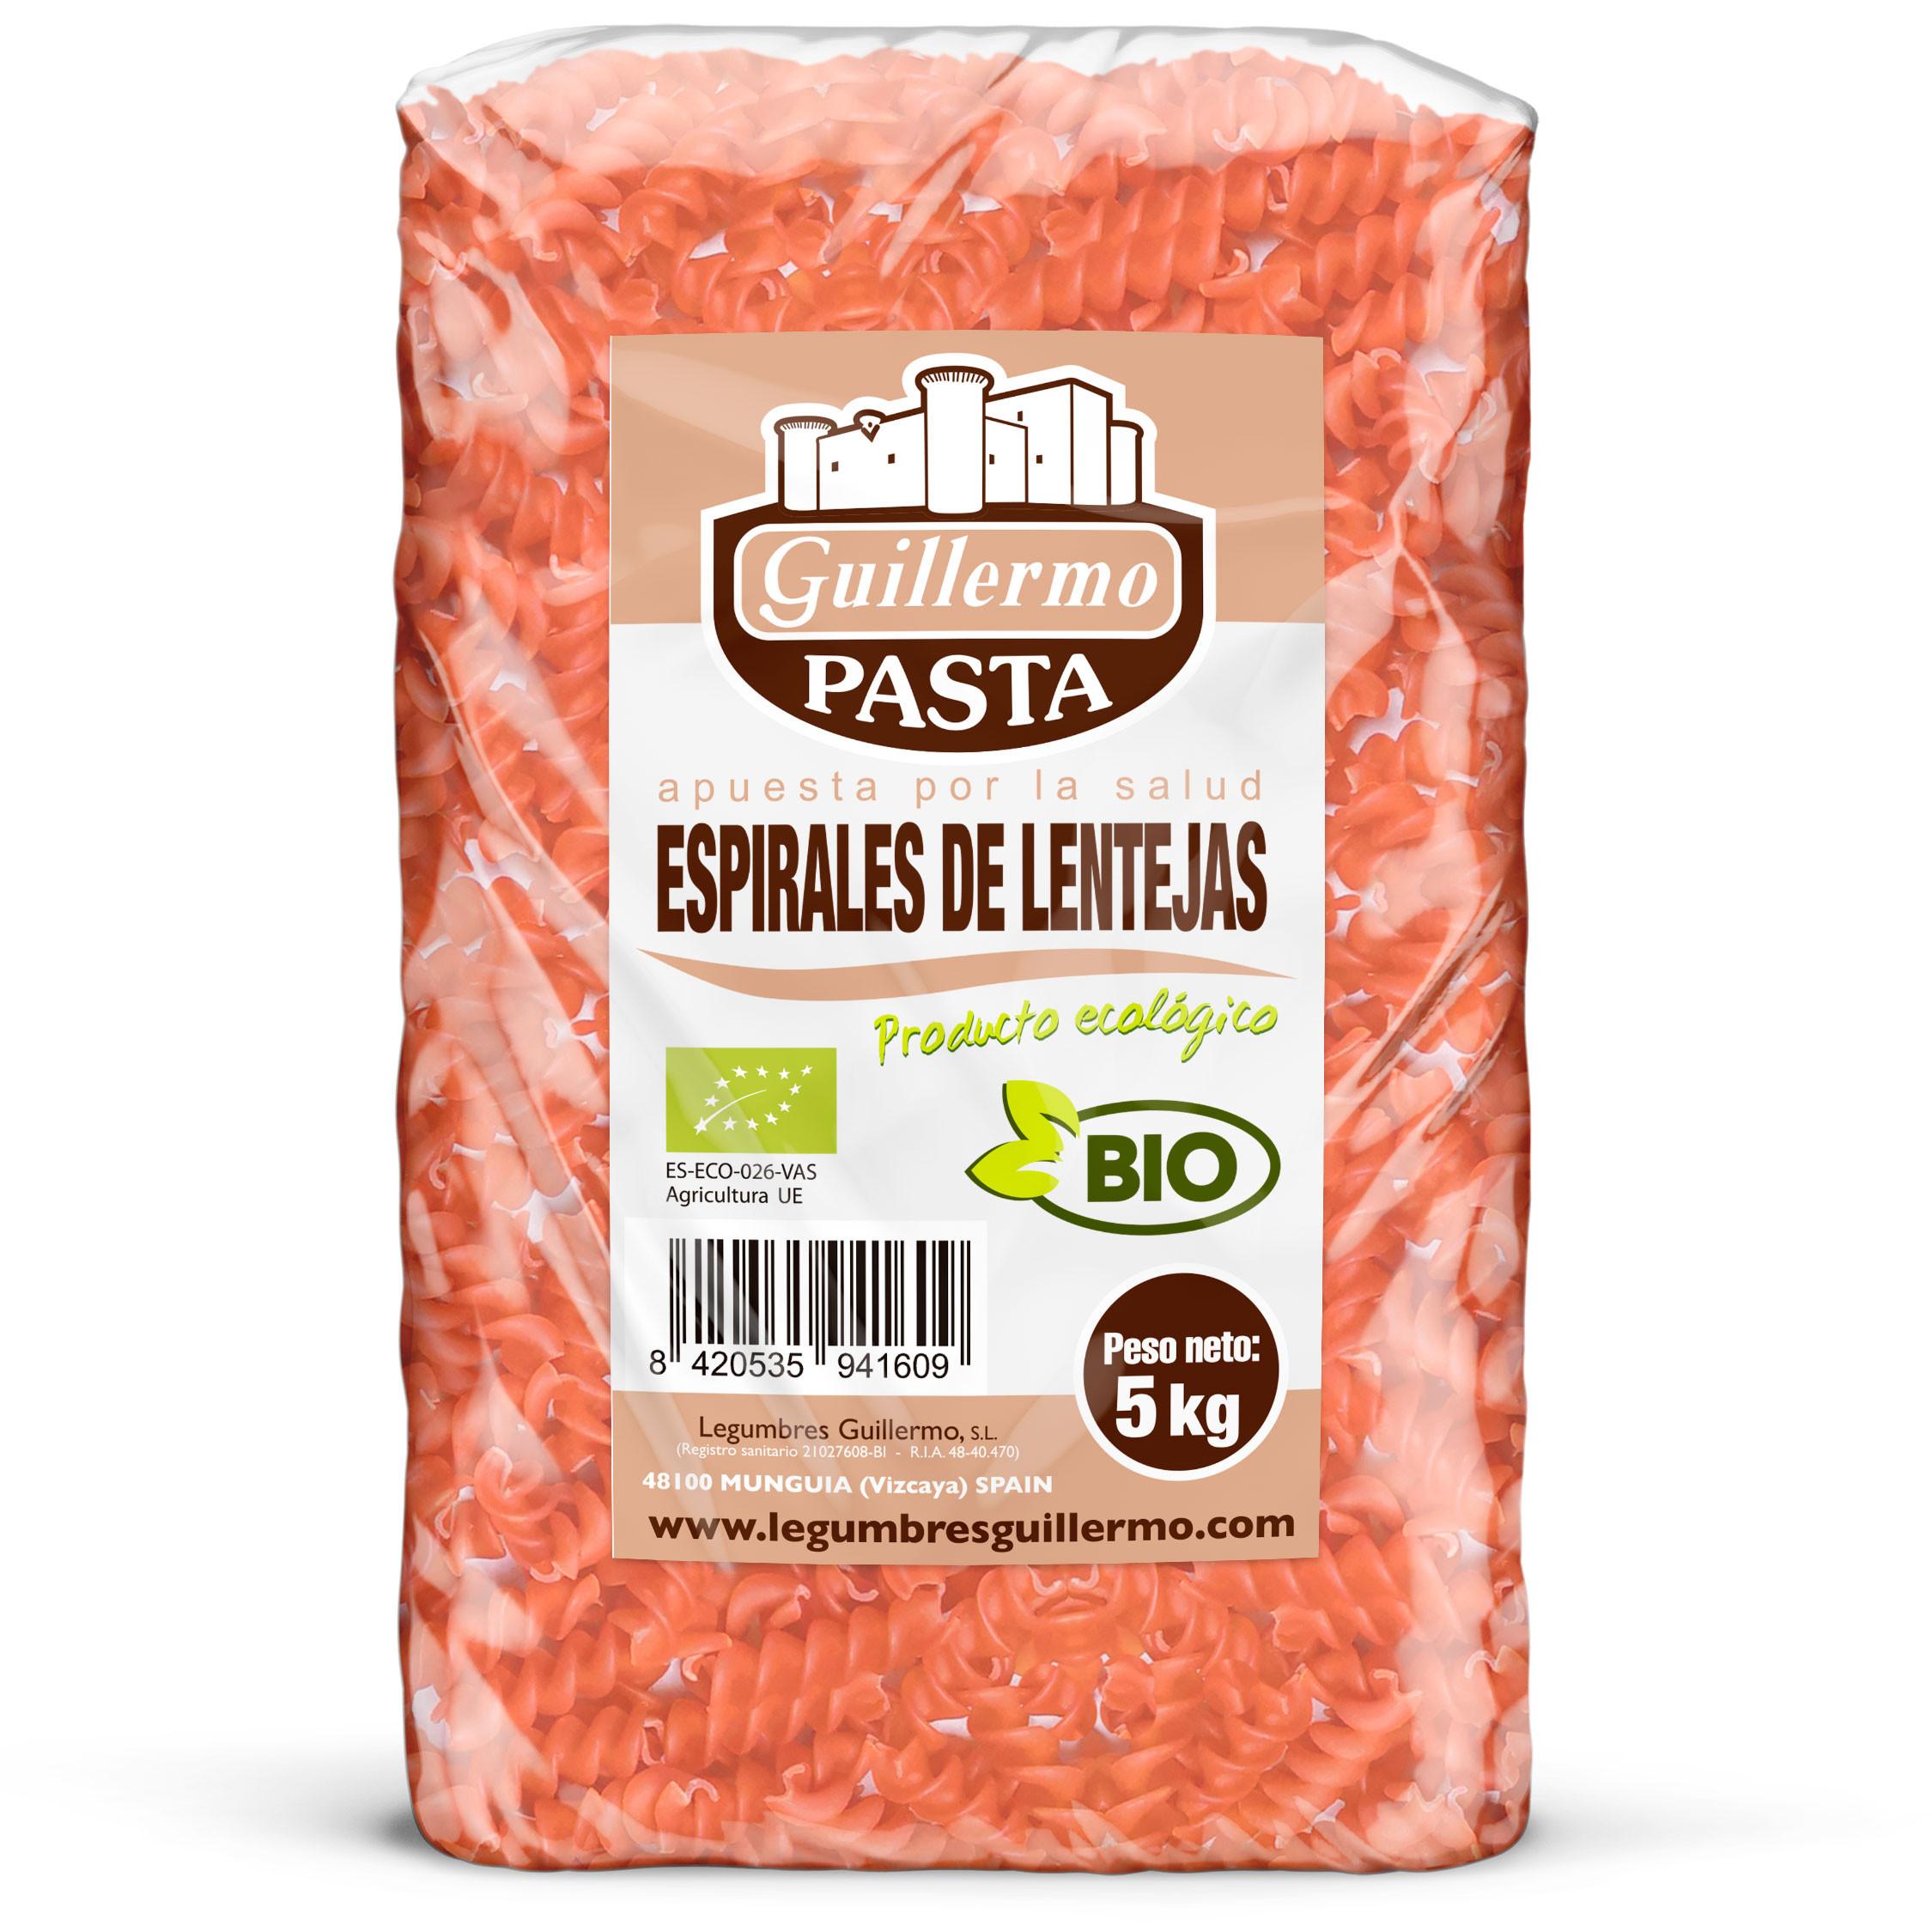 Guillermo Horeca Espirales de Lentejas Ecológicos BIO Granel 5kg